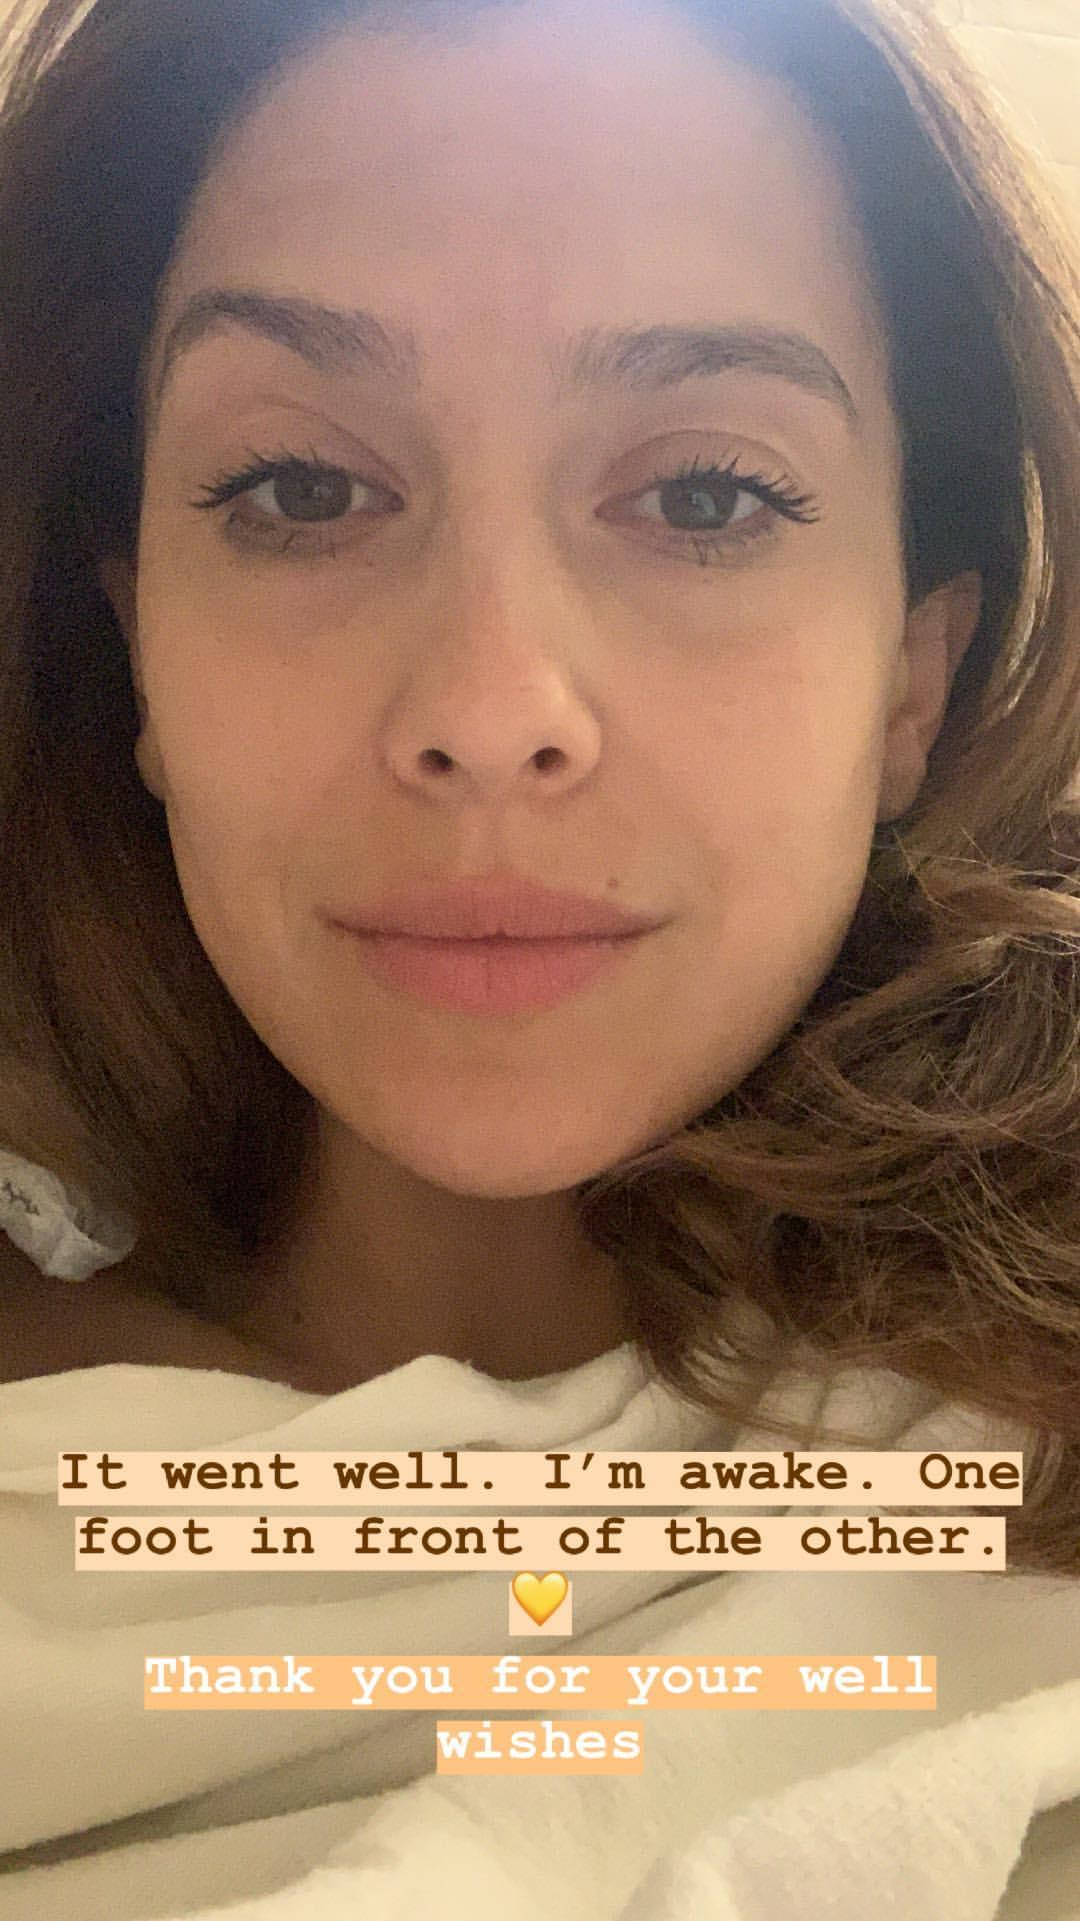 Nach der Ausschabung meldet sich Hilaria Baldwin auf Instagram.